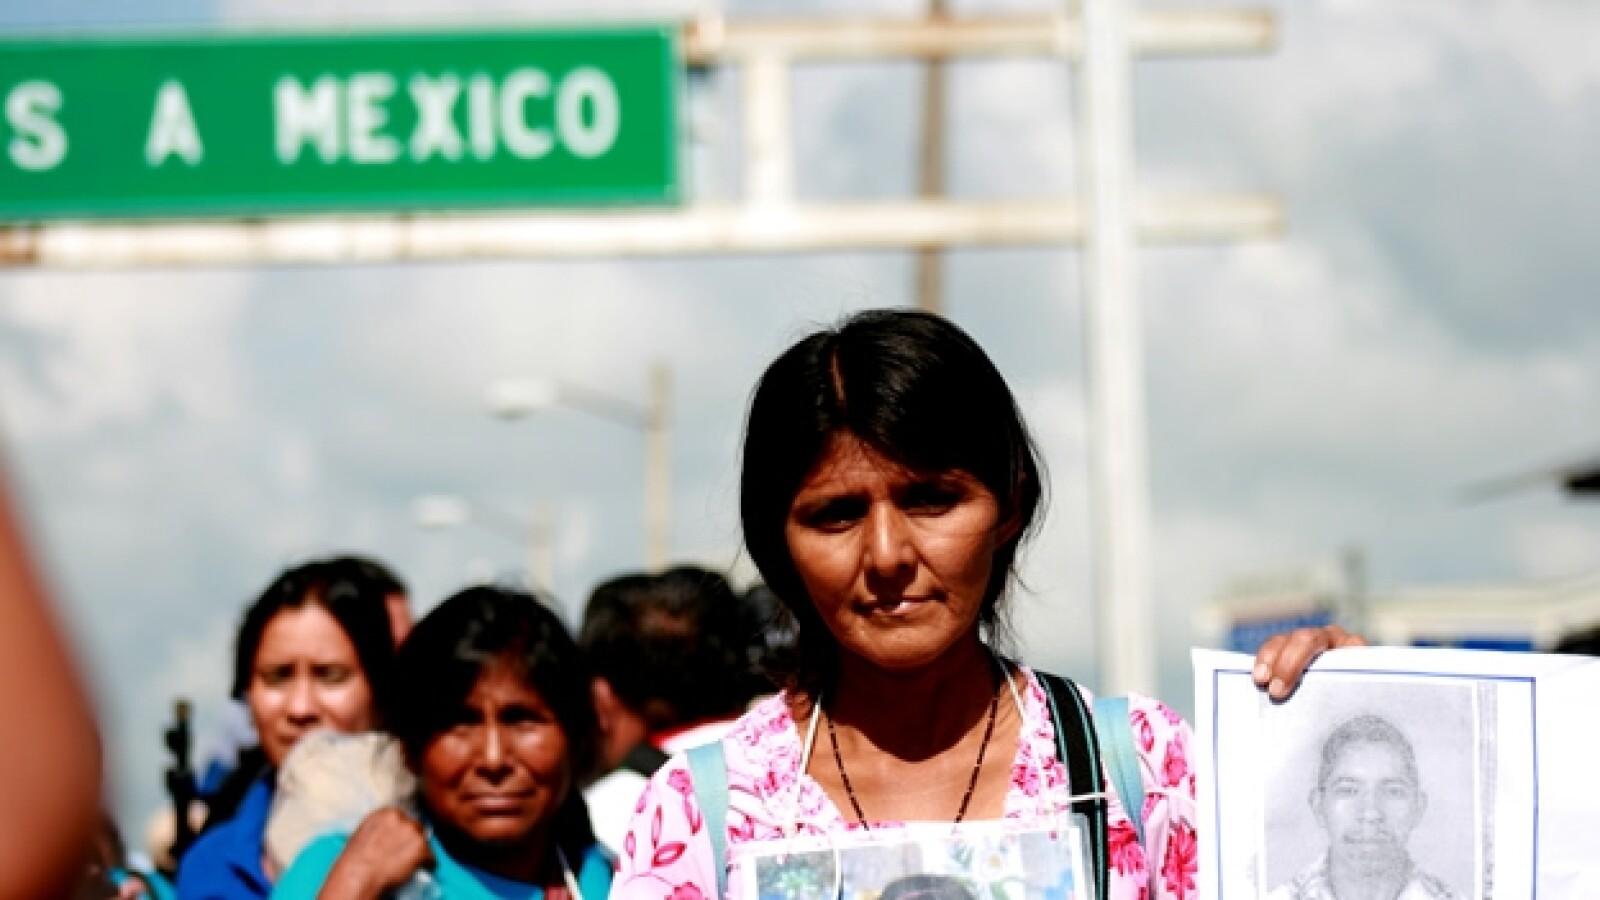 Llega a México la Caravana de madres de migrantes centroamericanas 3